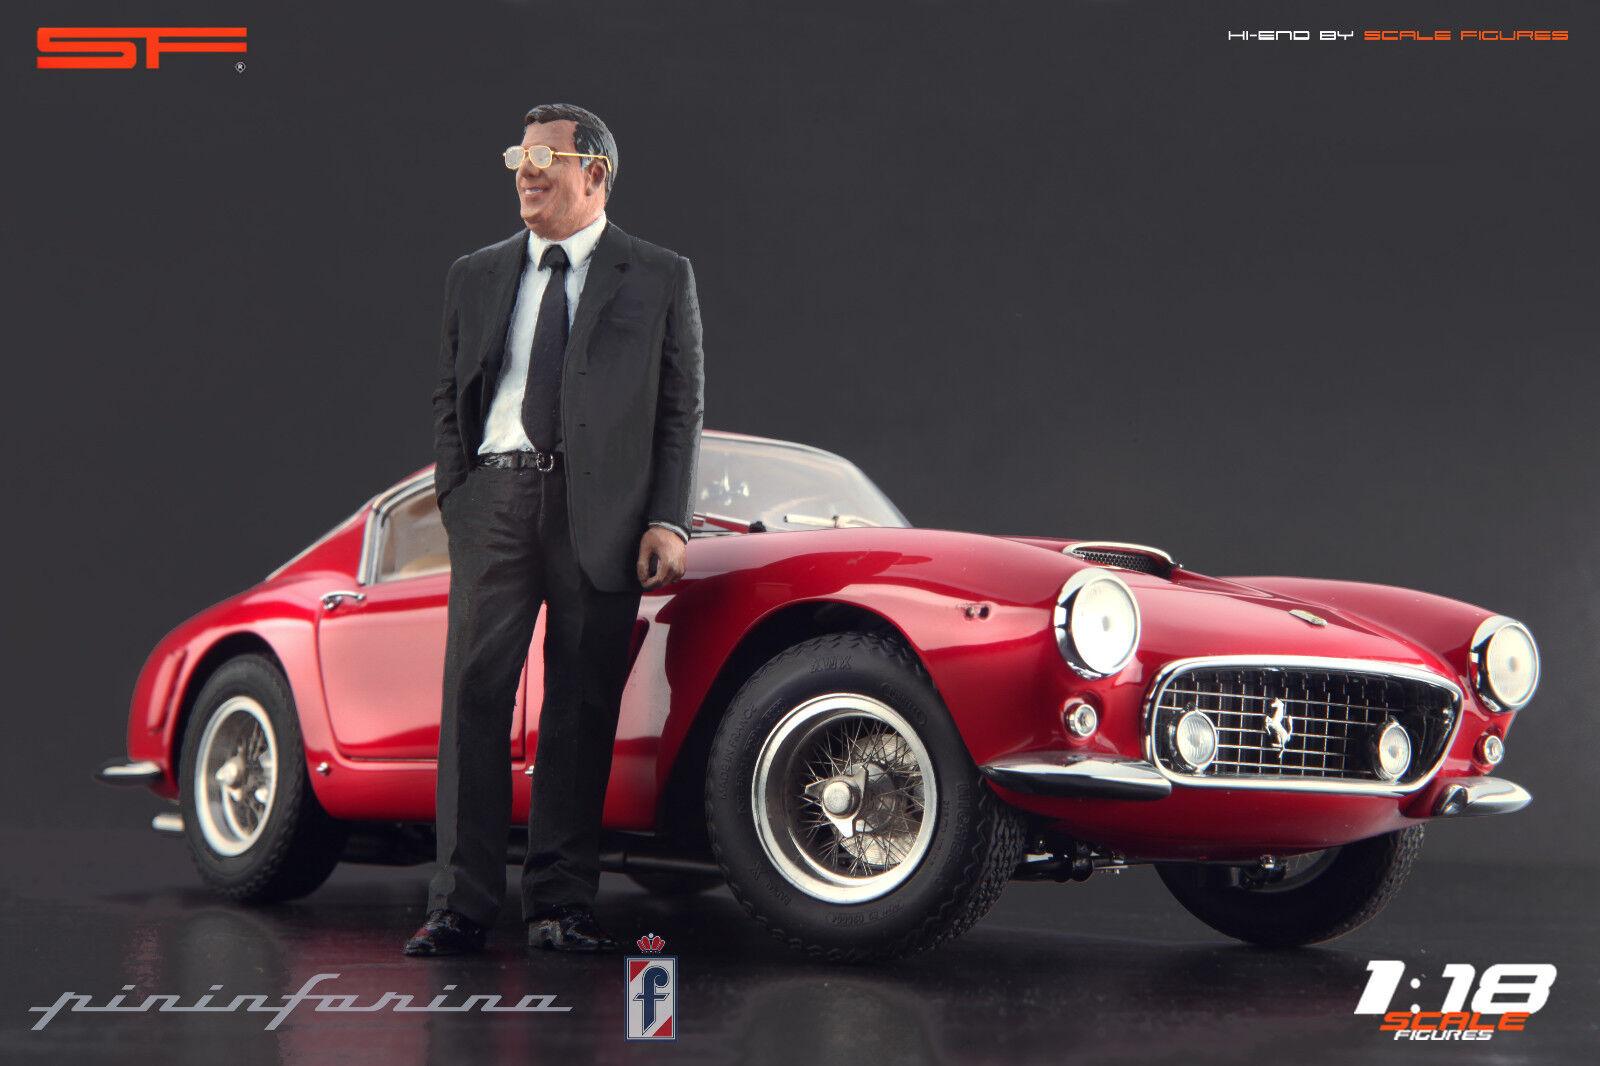 1 18 Sergio Pininfarina Très Rare     Figurine sans voitures    pour Diecast Collectionneurs  sortie d'usine